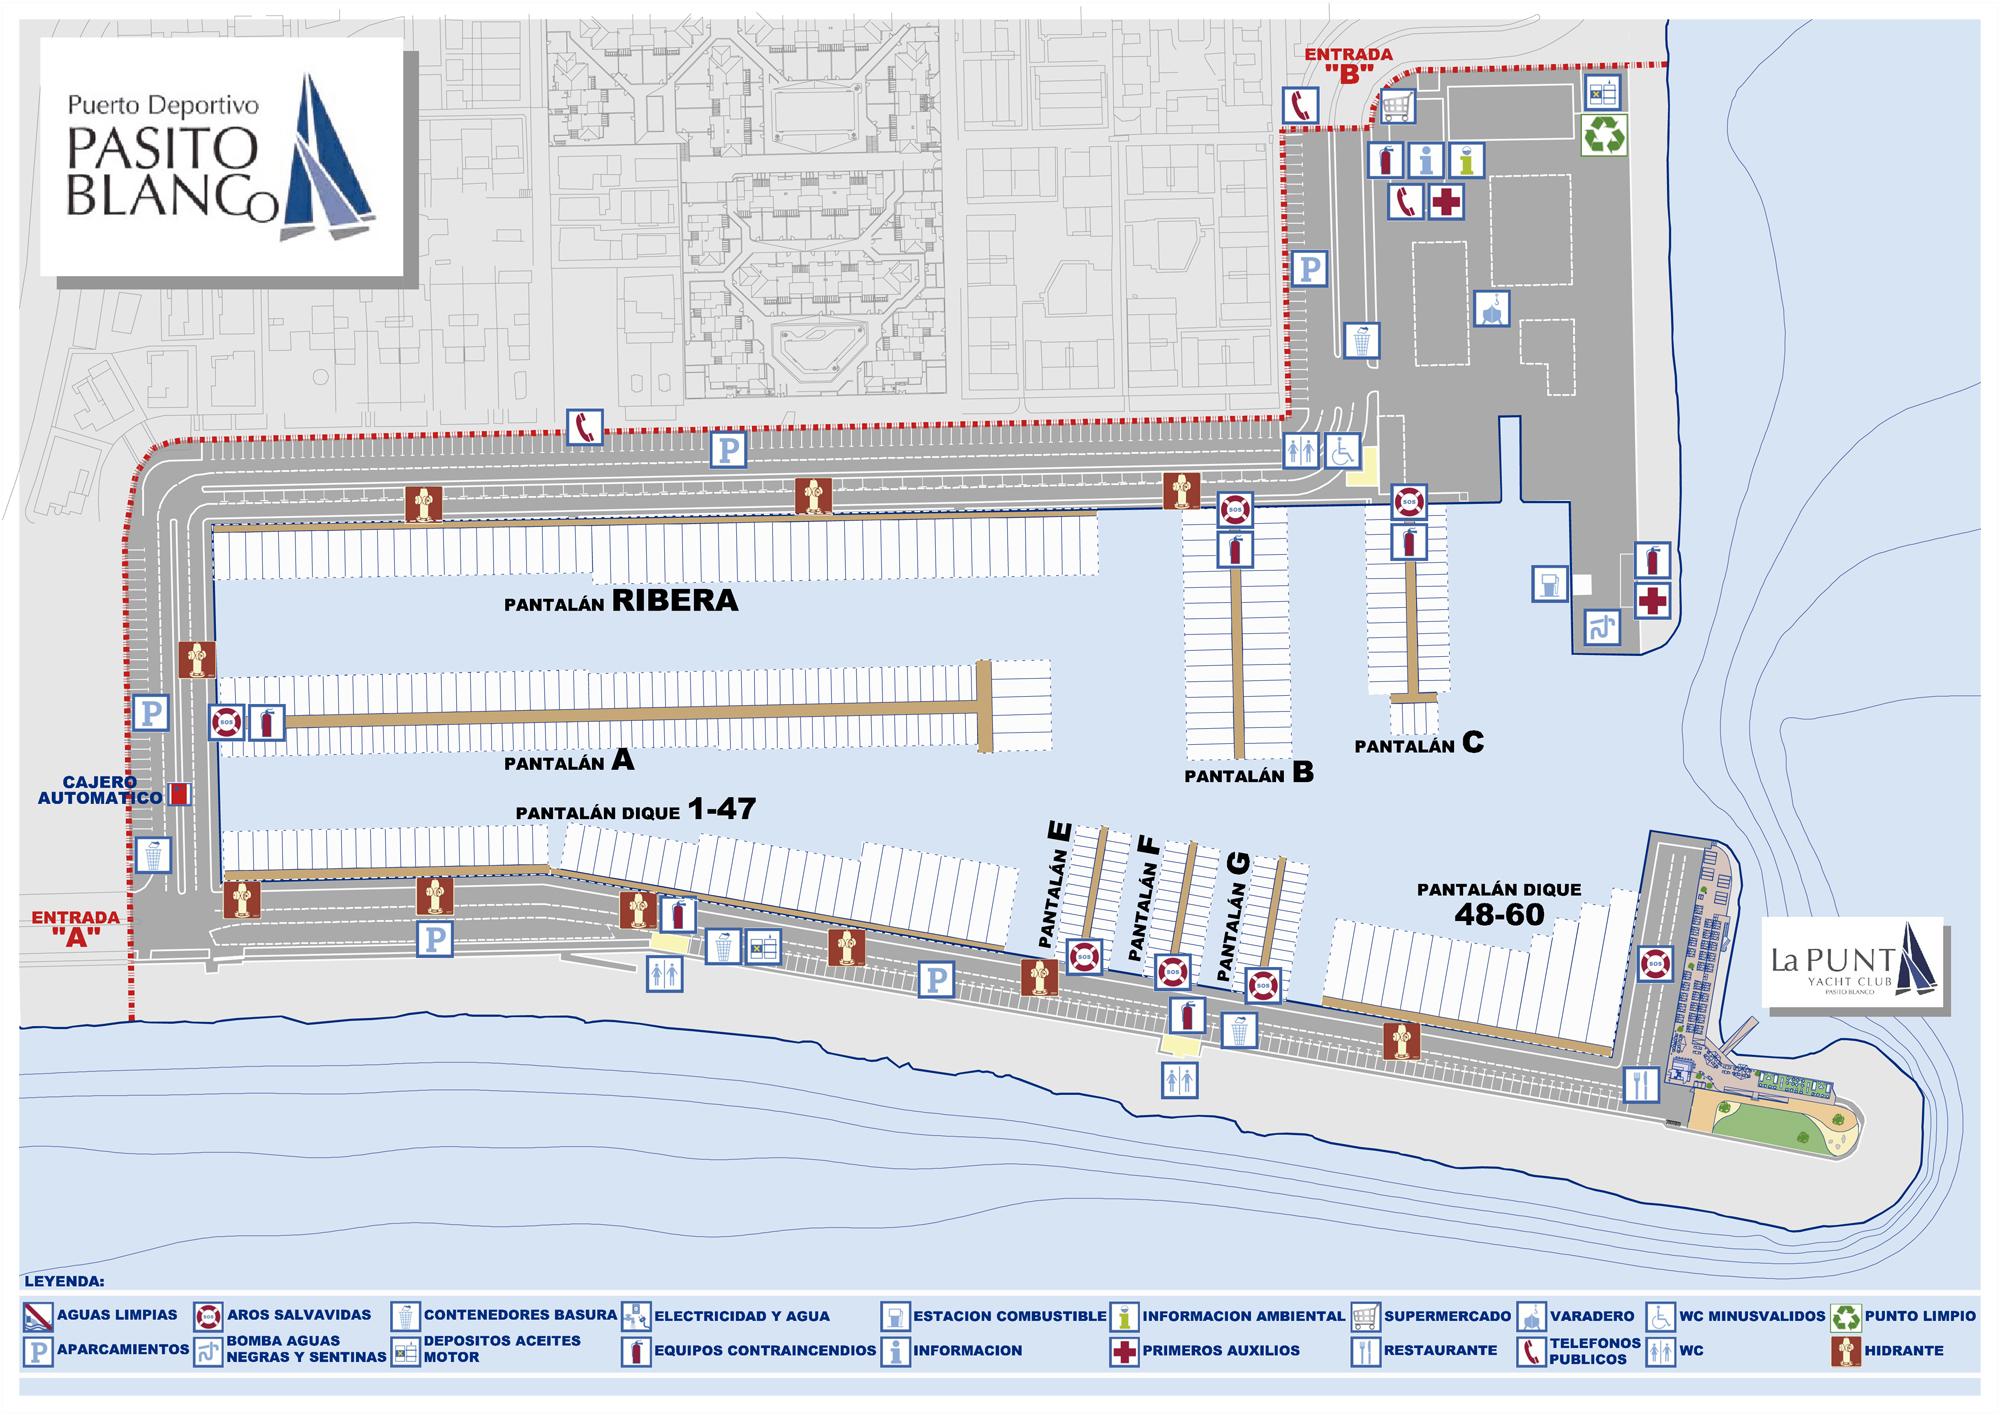 Plano de Amarres del Puerto Deportivo Pasito Blanco